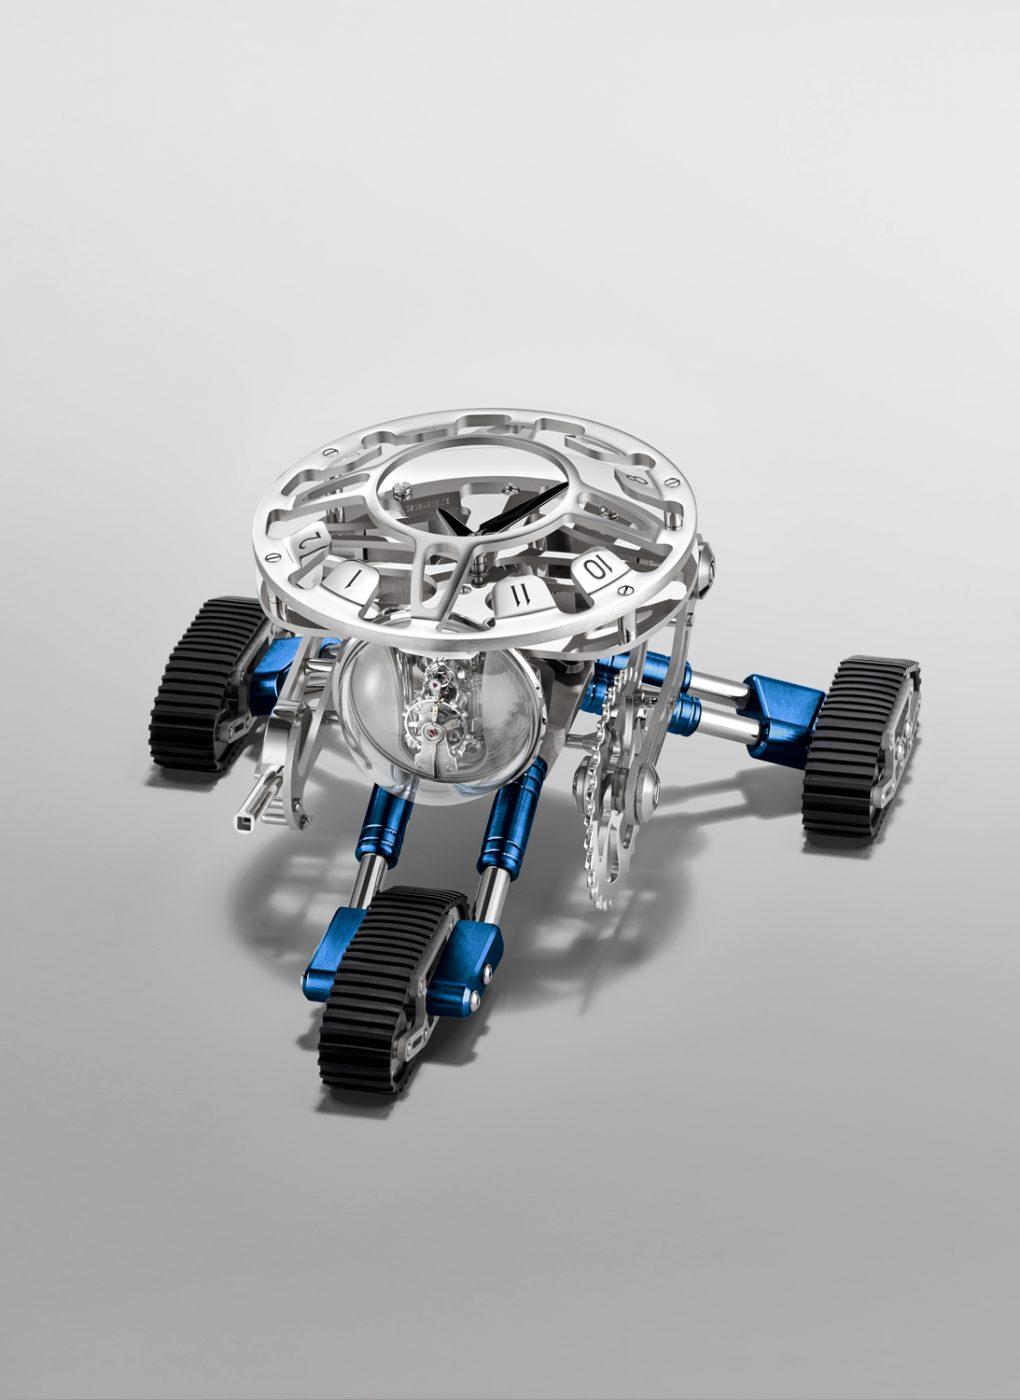 Grant座鐘藍色款式,限量50座